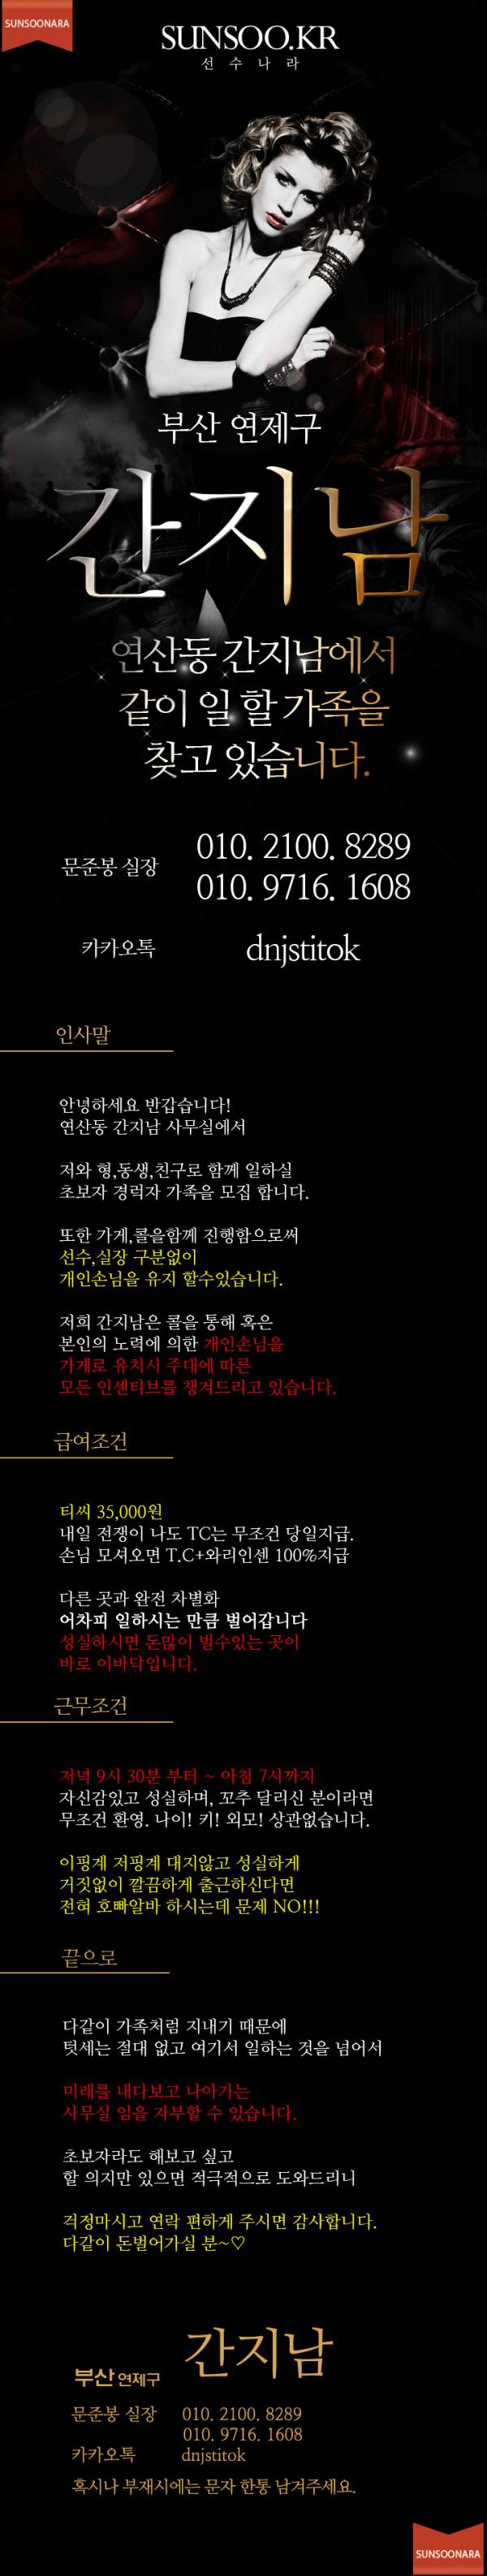 부산 간지남.png